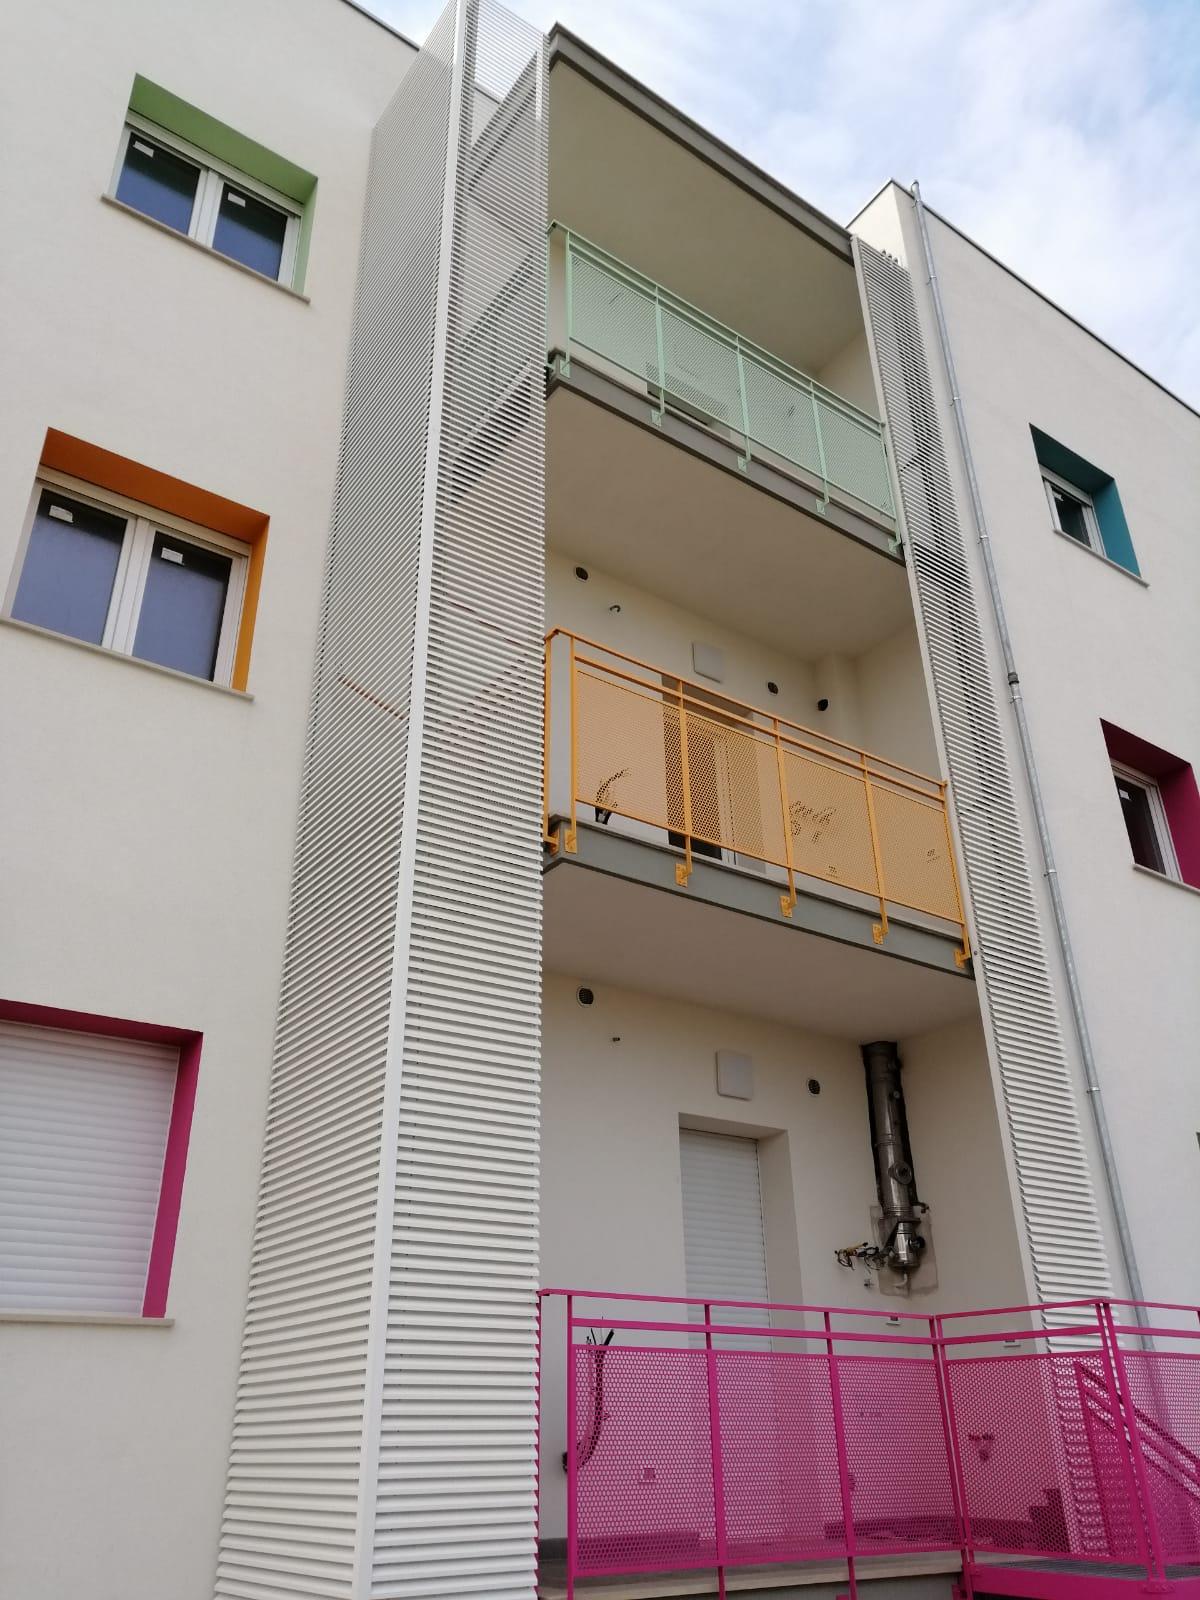 Coperture frangisole per balconi con lamelle in alluminio - Bari, Brindisi, Puglia - 3